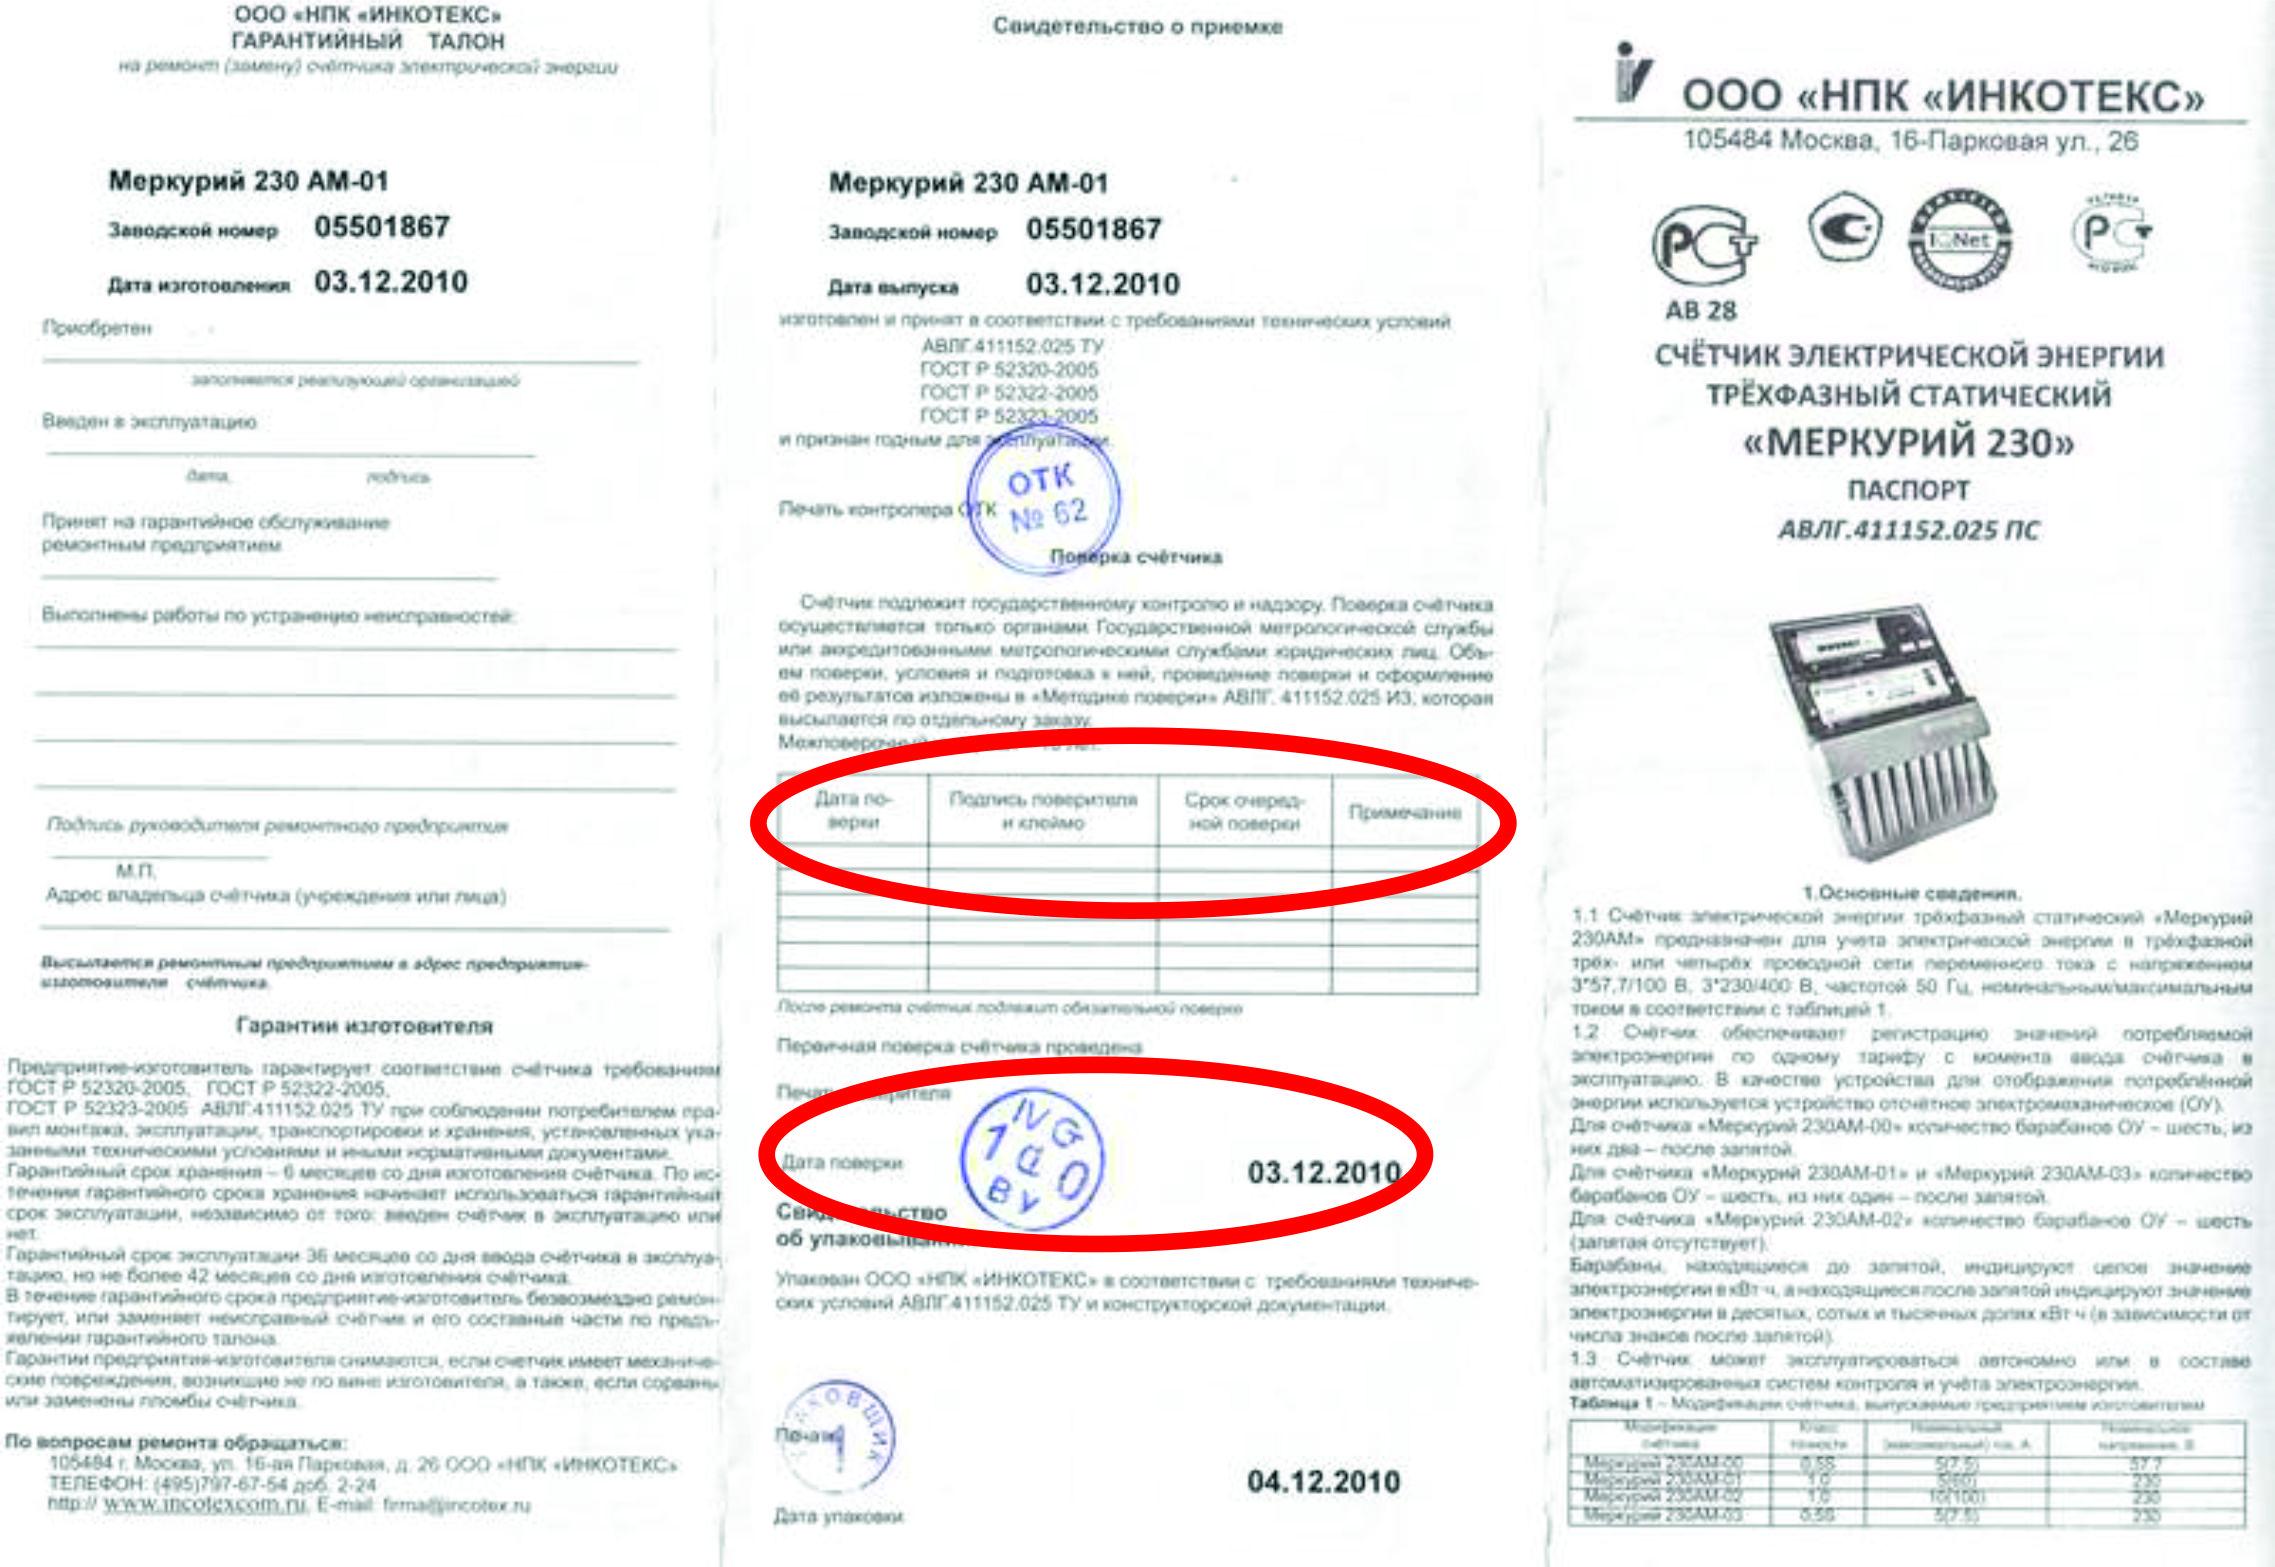 Все данные о проверке должны быть записаны в паспорте